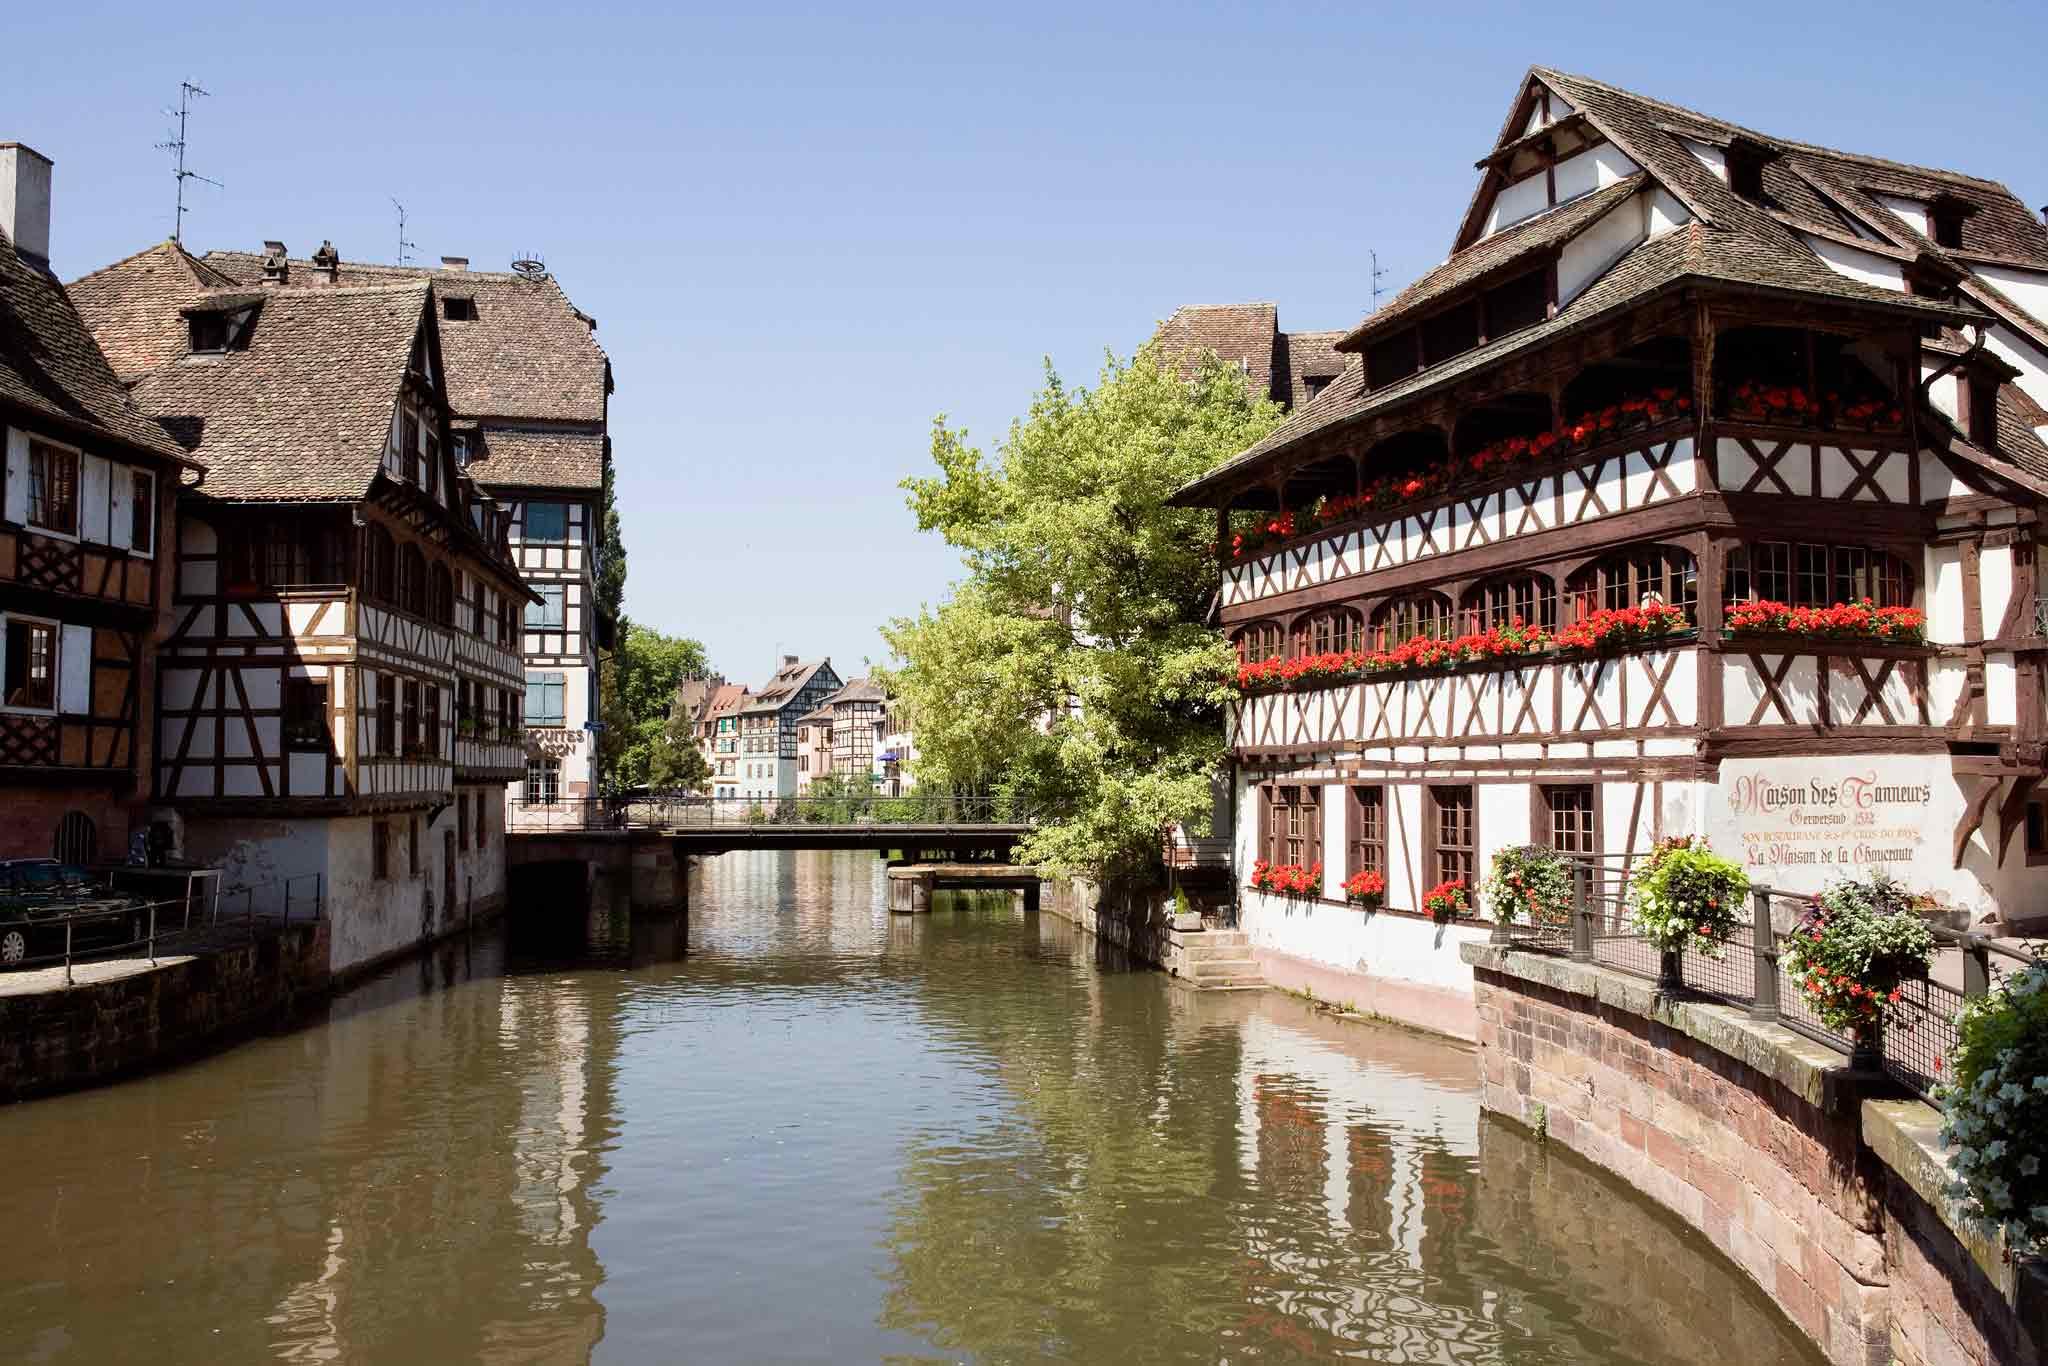 Maison neudorf strasbourg affordable rue des hallebardes for Hotel design strasbourg